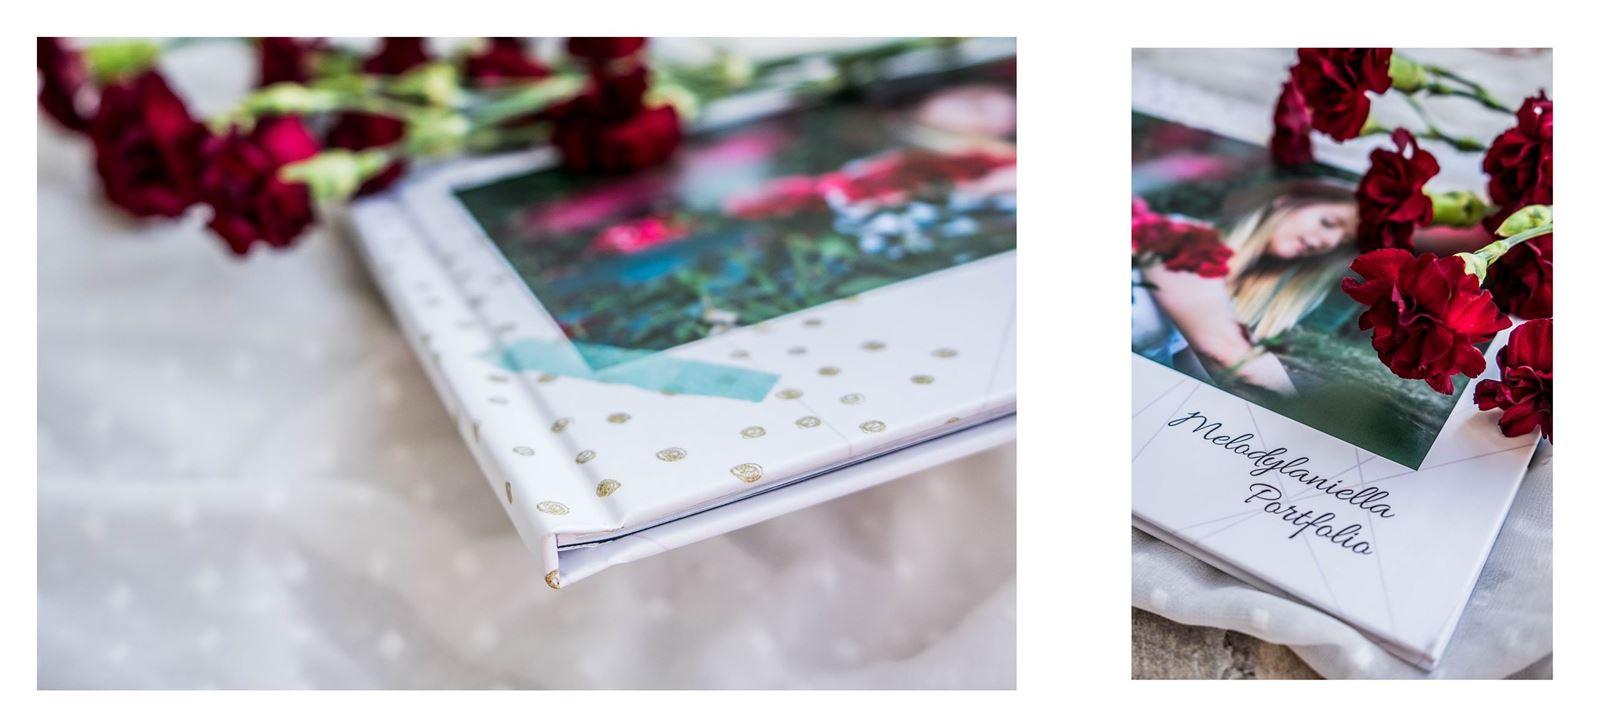 1 fotoksiążka printu cena kod rabatowy jakość opinie recenzja blog melodylaniella fotoksiazka drukowanie zdjec